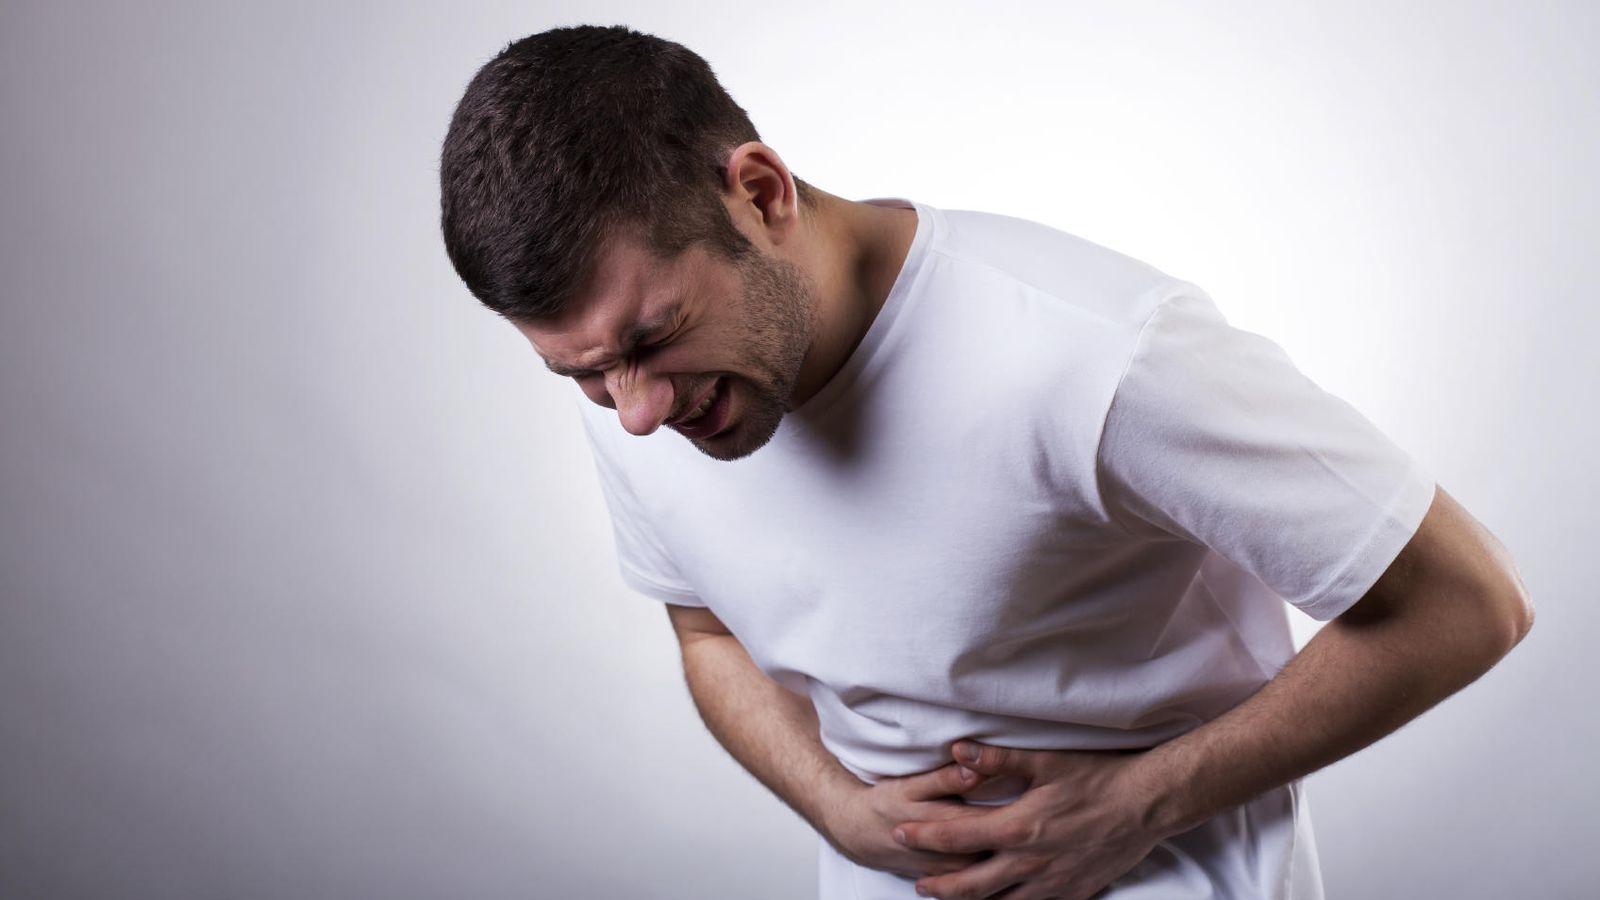 Foto: Intoxicaciones alimentarias: cuáles son las más comunes y cómo prevenirlas (iStock)